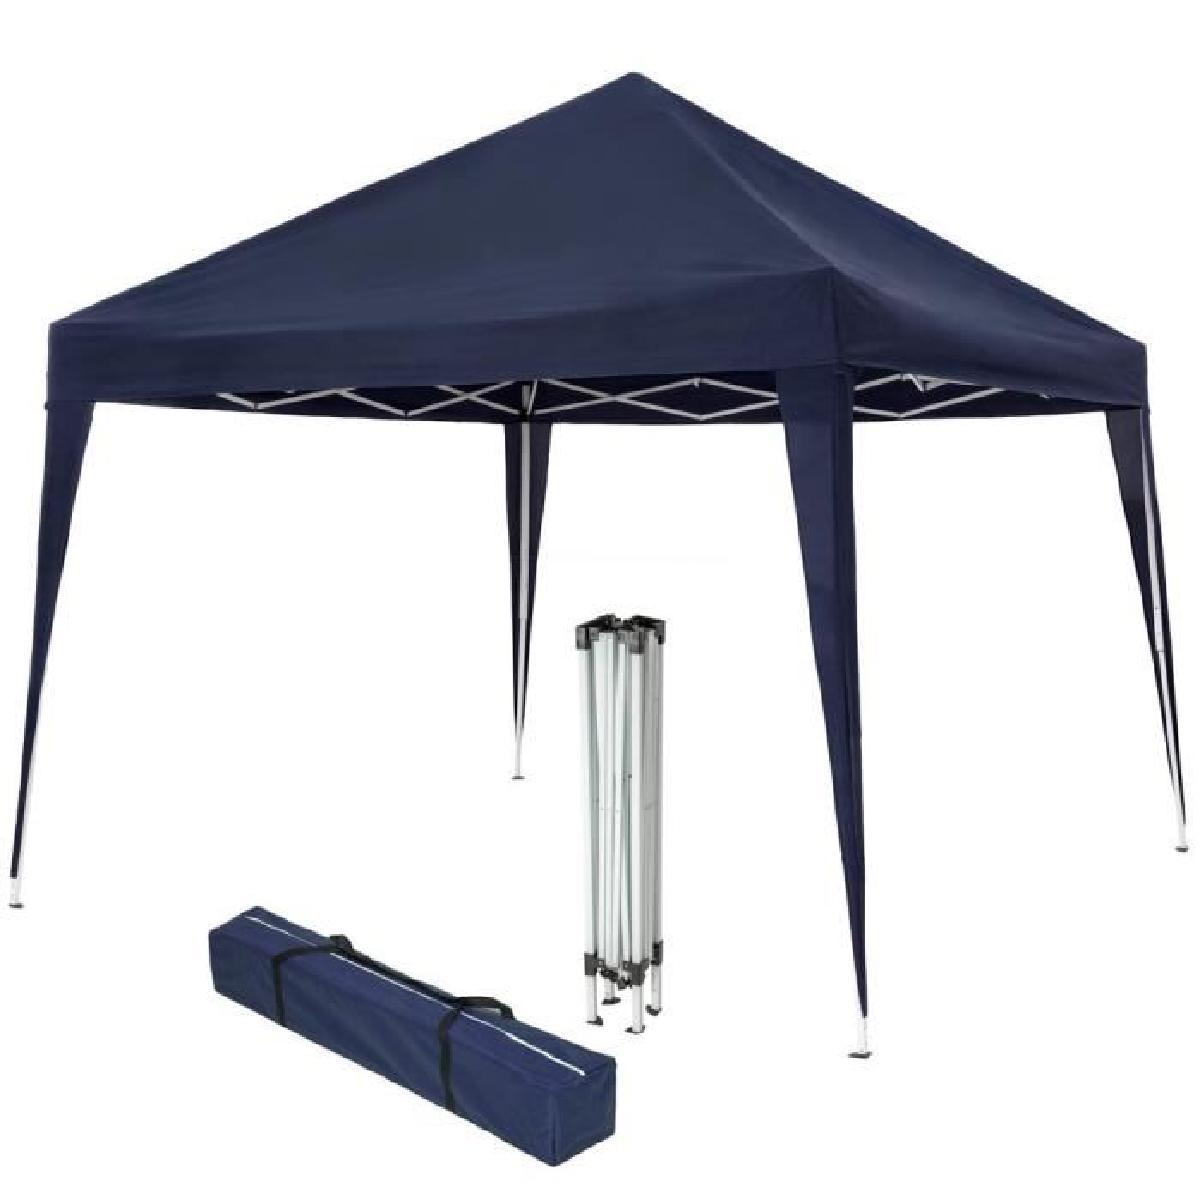 Tonnelle Pliable Gifi Impressionnant Images Tente De Reception Gifi Housse De Chaise Extensible Gifi New Tente